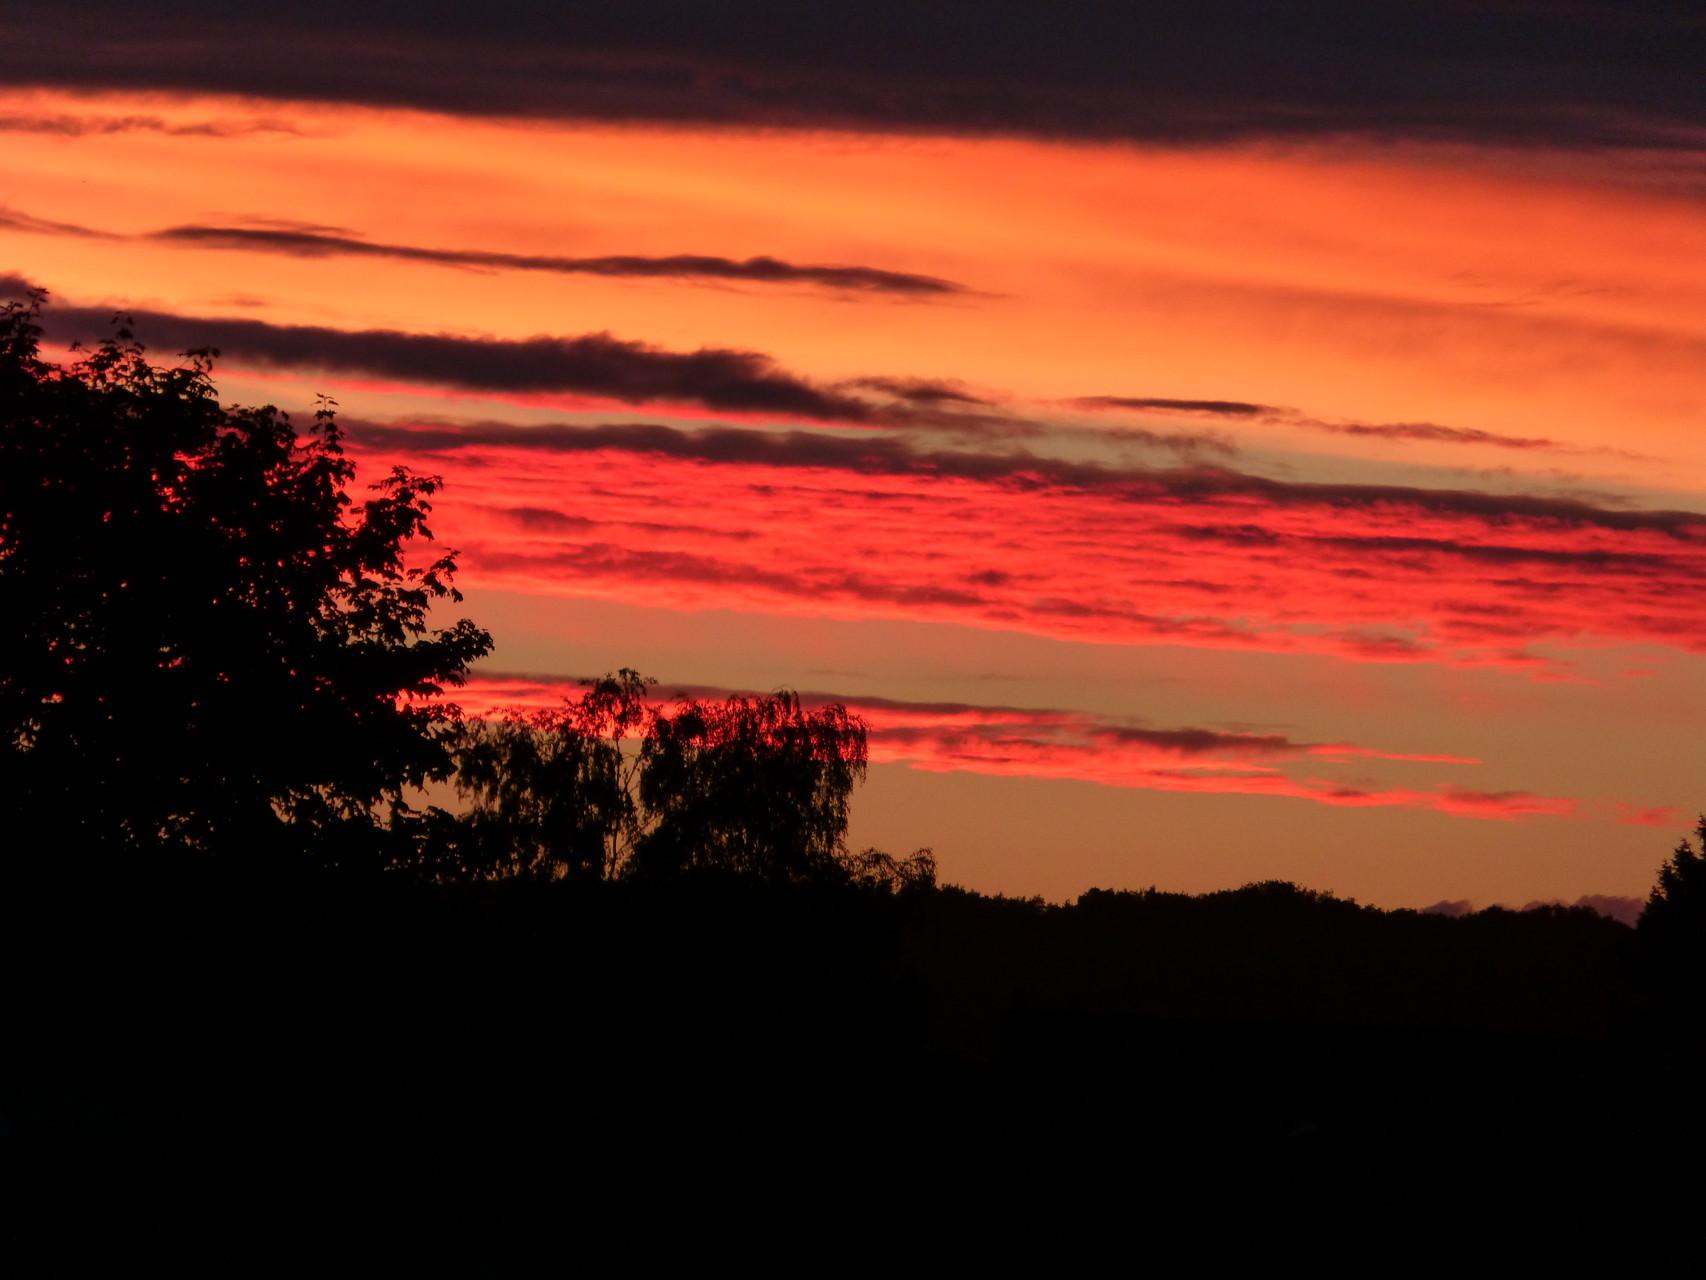 coucher de soleil été 2014